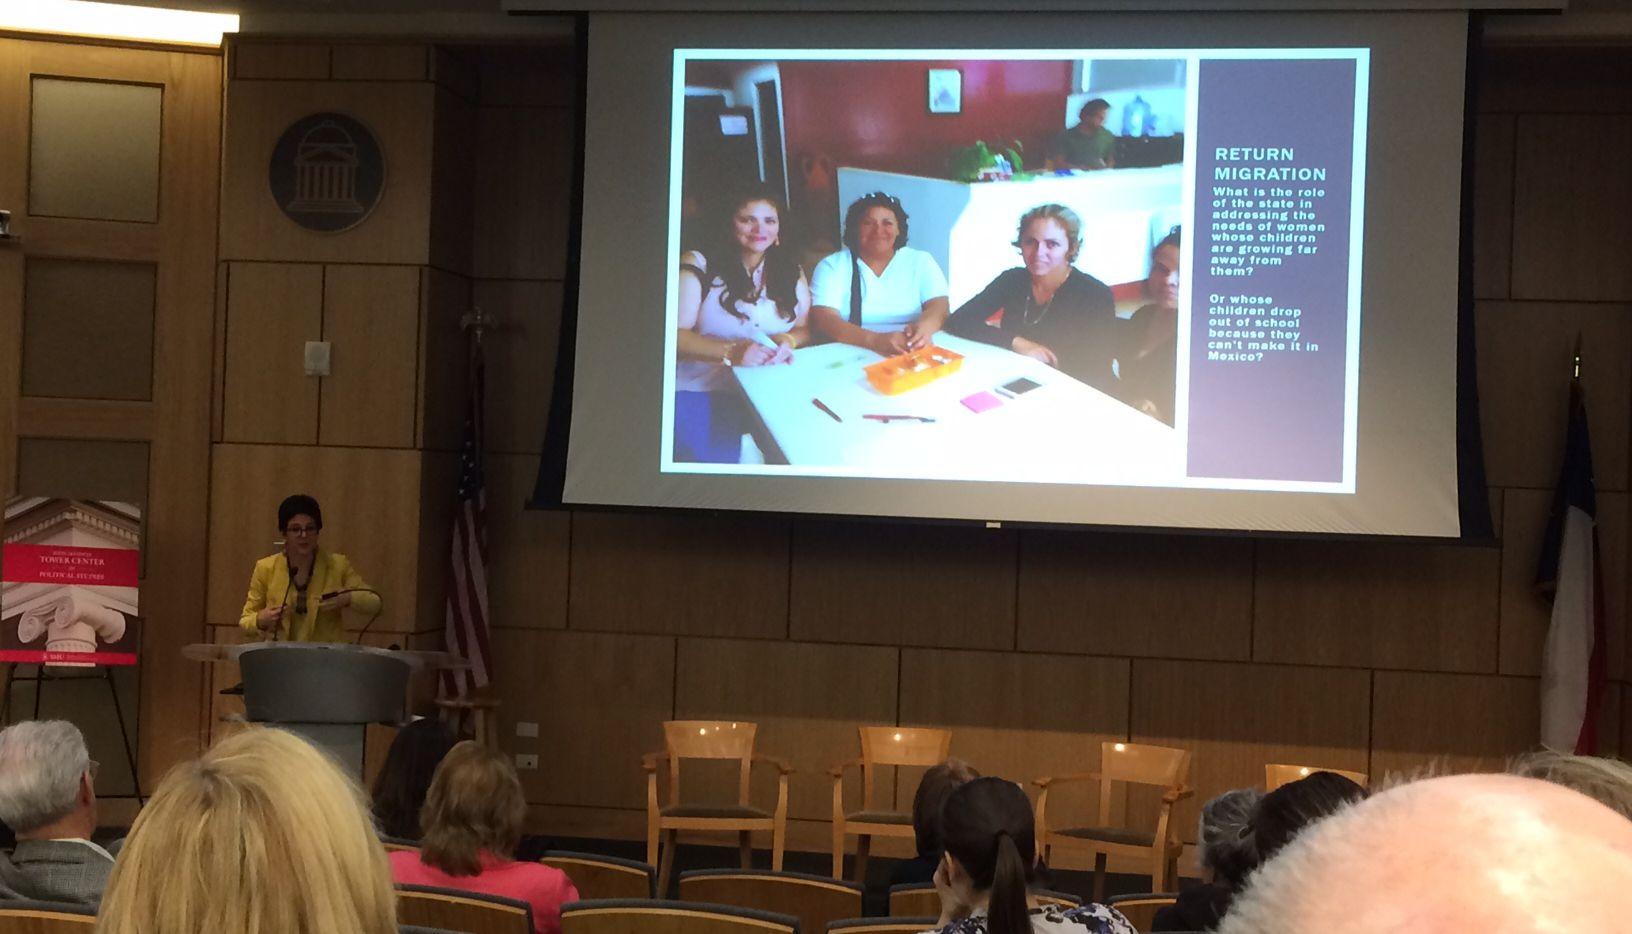 Miryam Hazán muestra imágenes de inmigrantes recientemente deportadas a México durante un panel sobre inmigración desarrollado por el Tower Center en SMU. JUAN JARAMILLO/AL DÍA